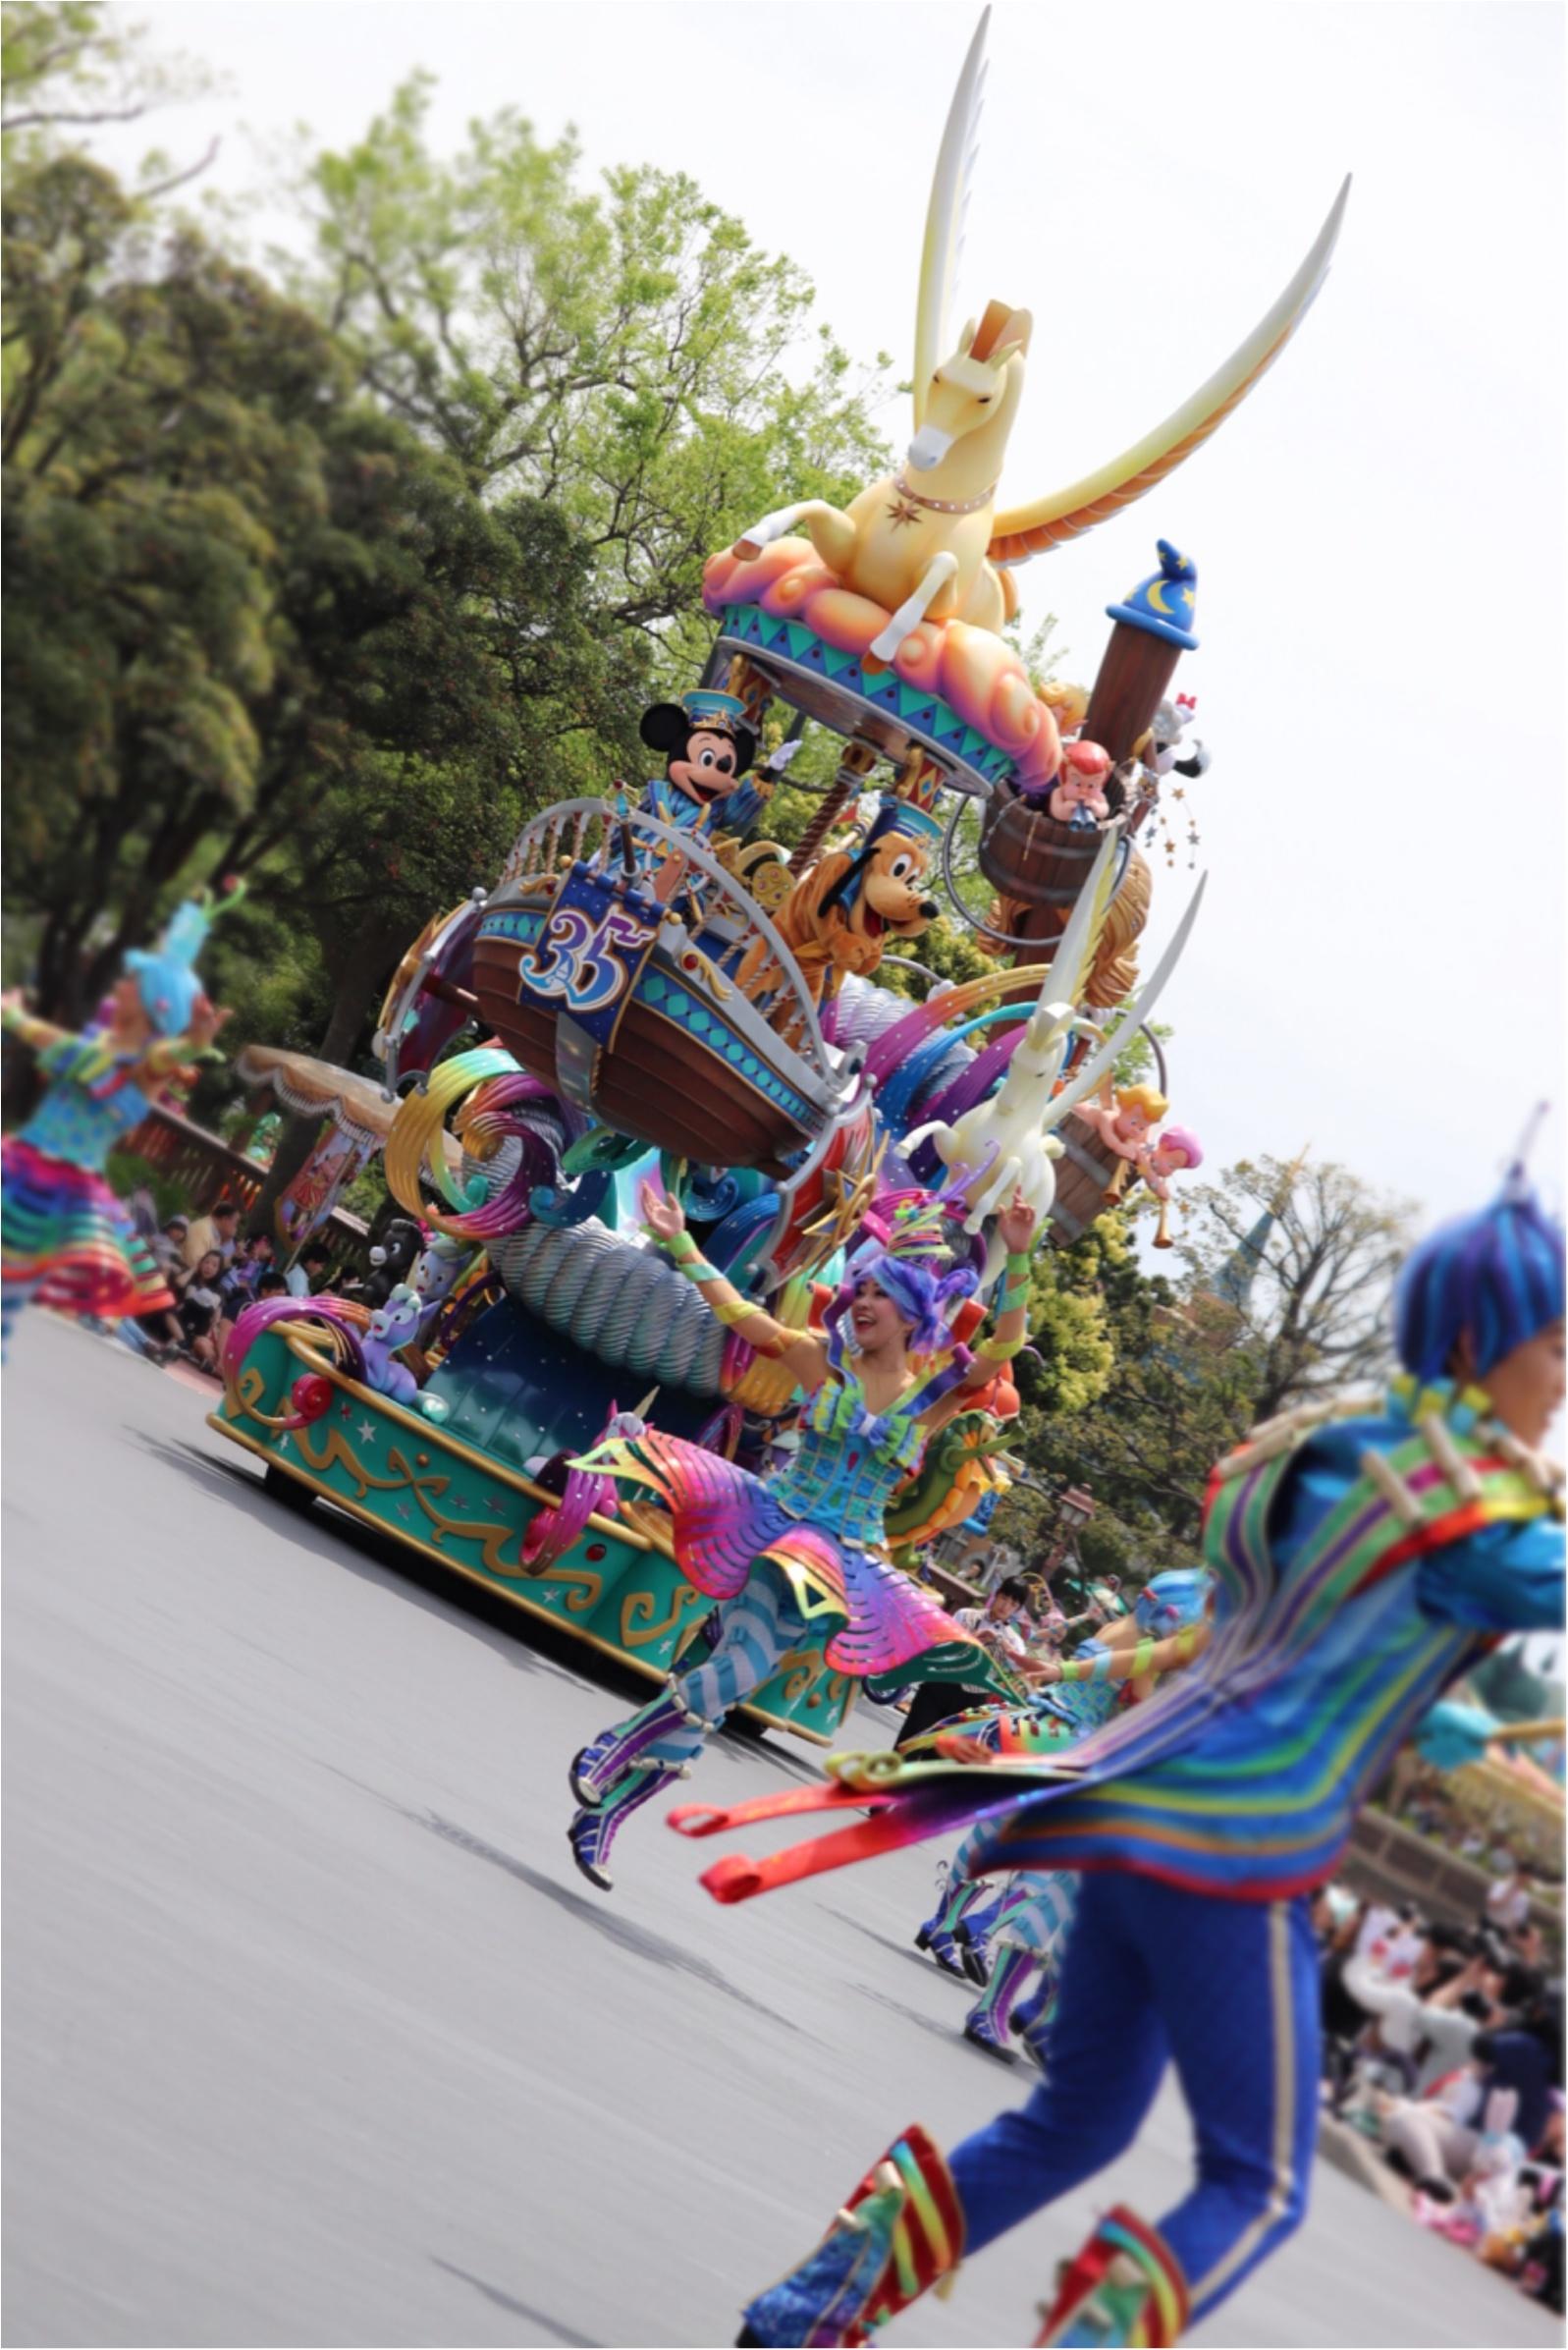 ▷【東京ディズニーランド35周年】Newパレード「ドリーミング・アップ!」がとにかく凄い!!_3